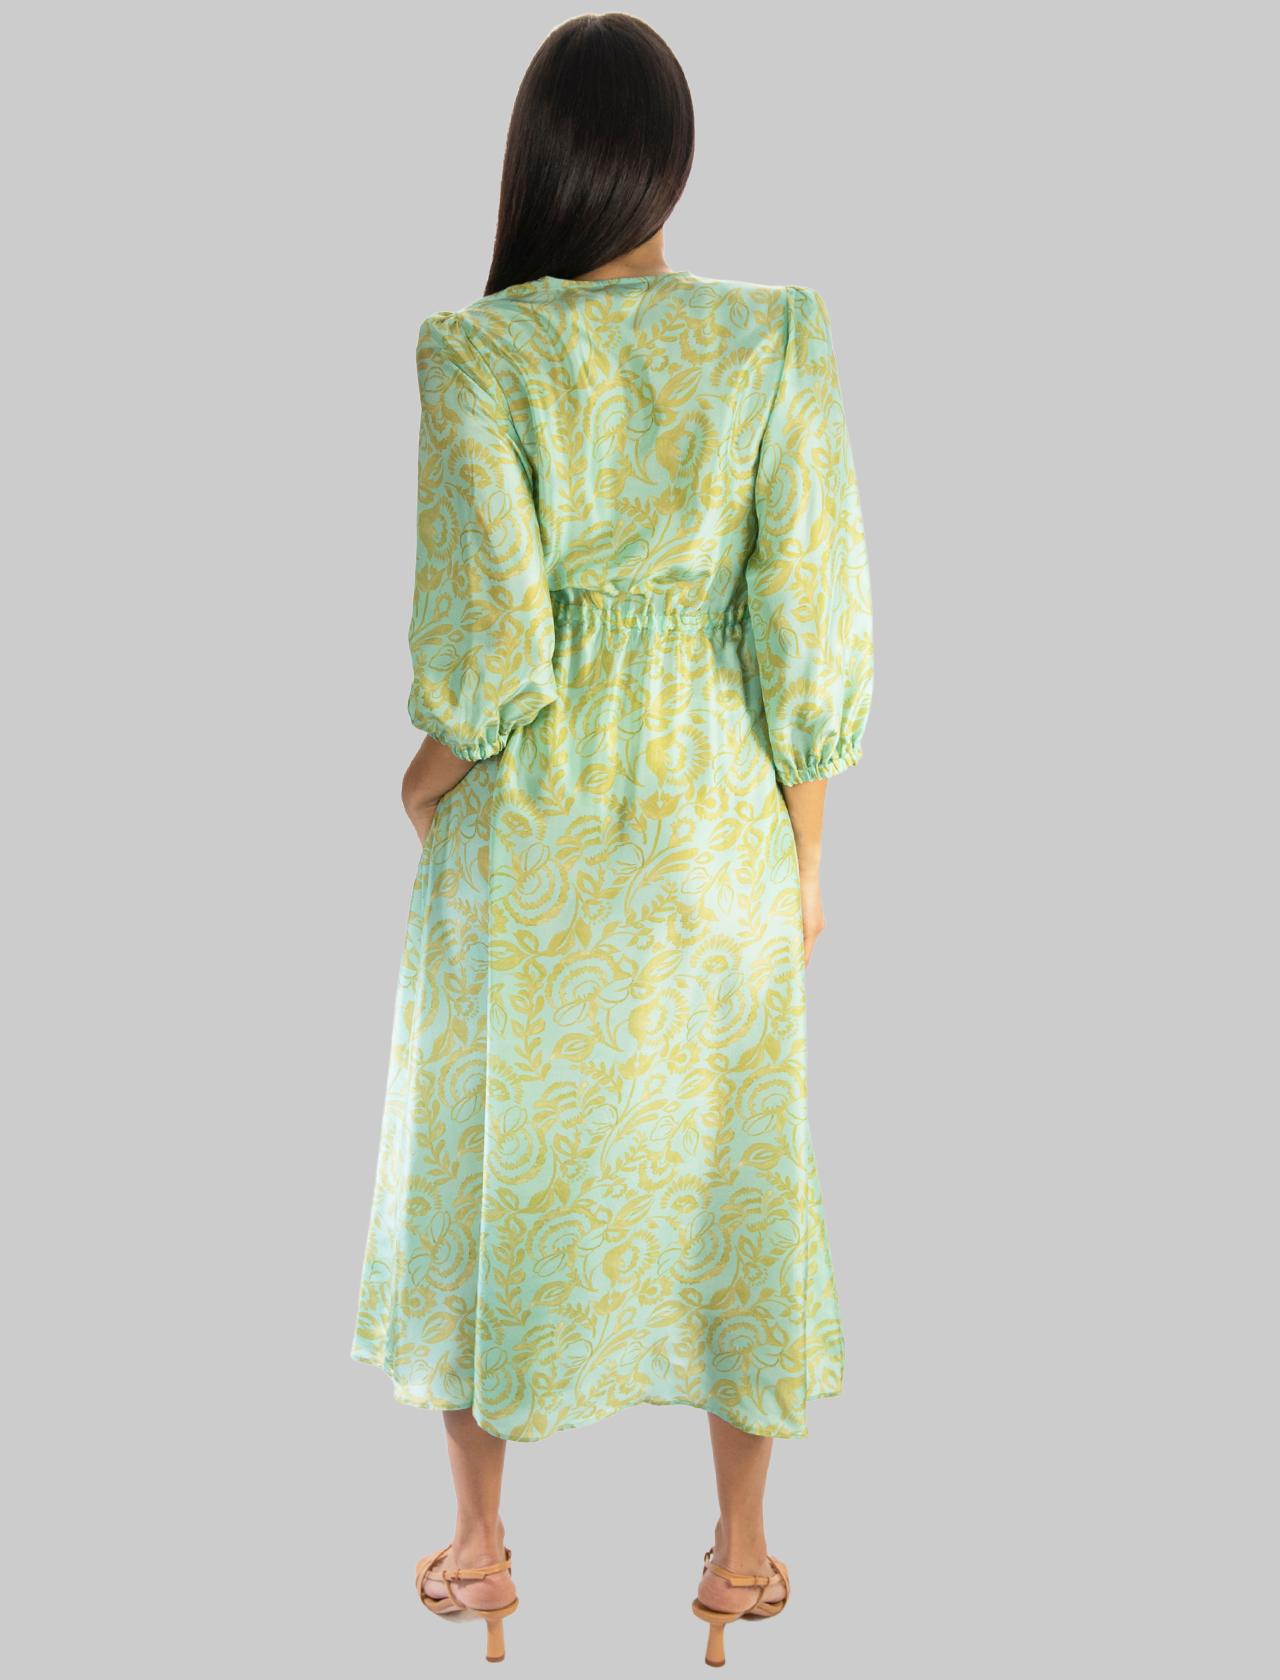 Abbigliamento Donna Abito Lungo in Seta Turkish Delight Silk Acqua e Oro Maliparmi | Abiti | JF645830111C6018